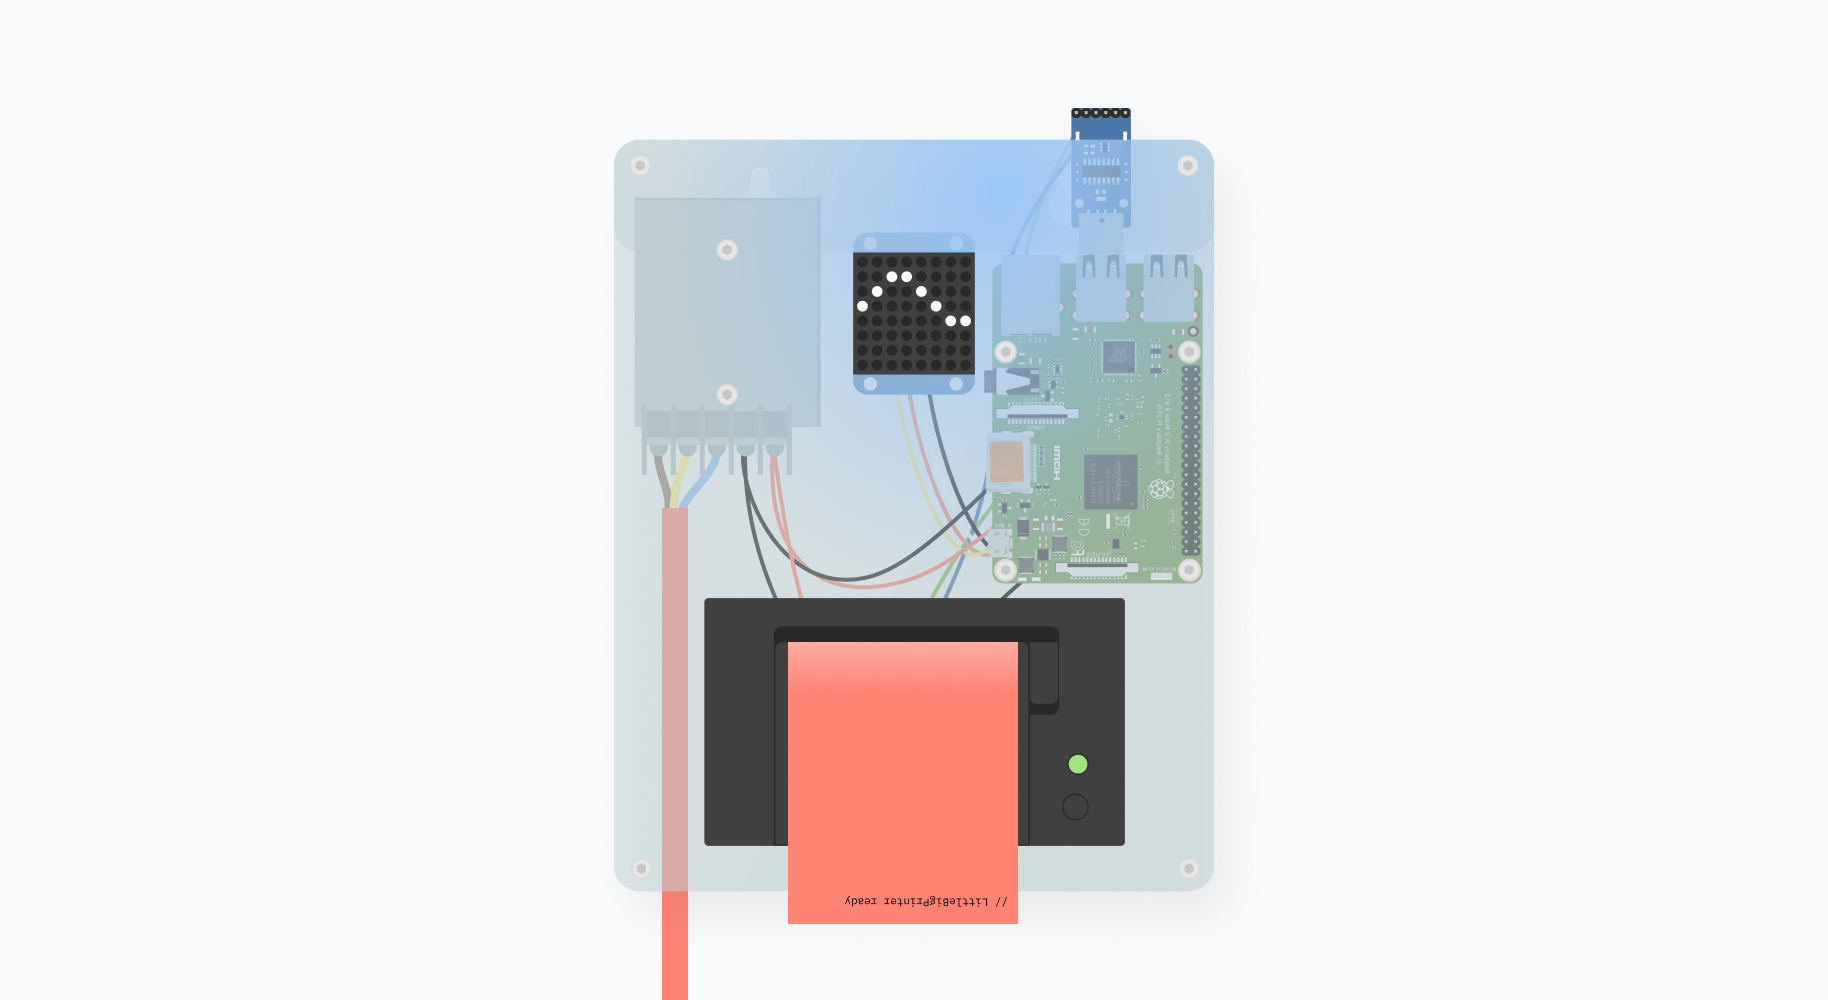 LittleBigPrinter